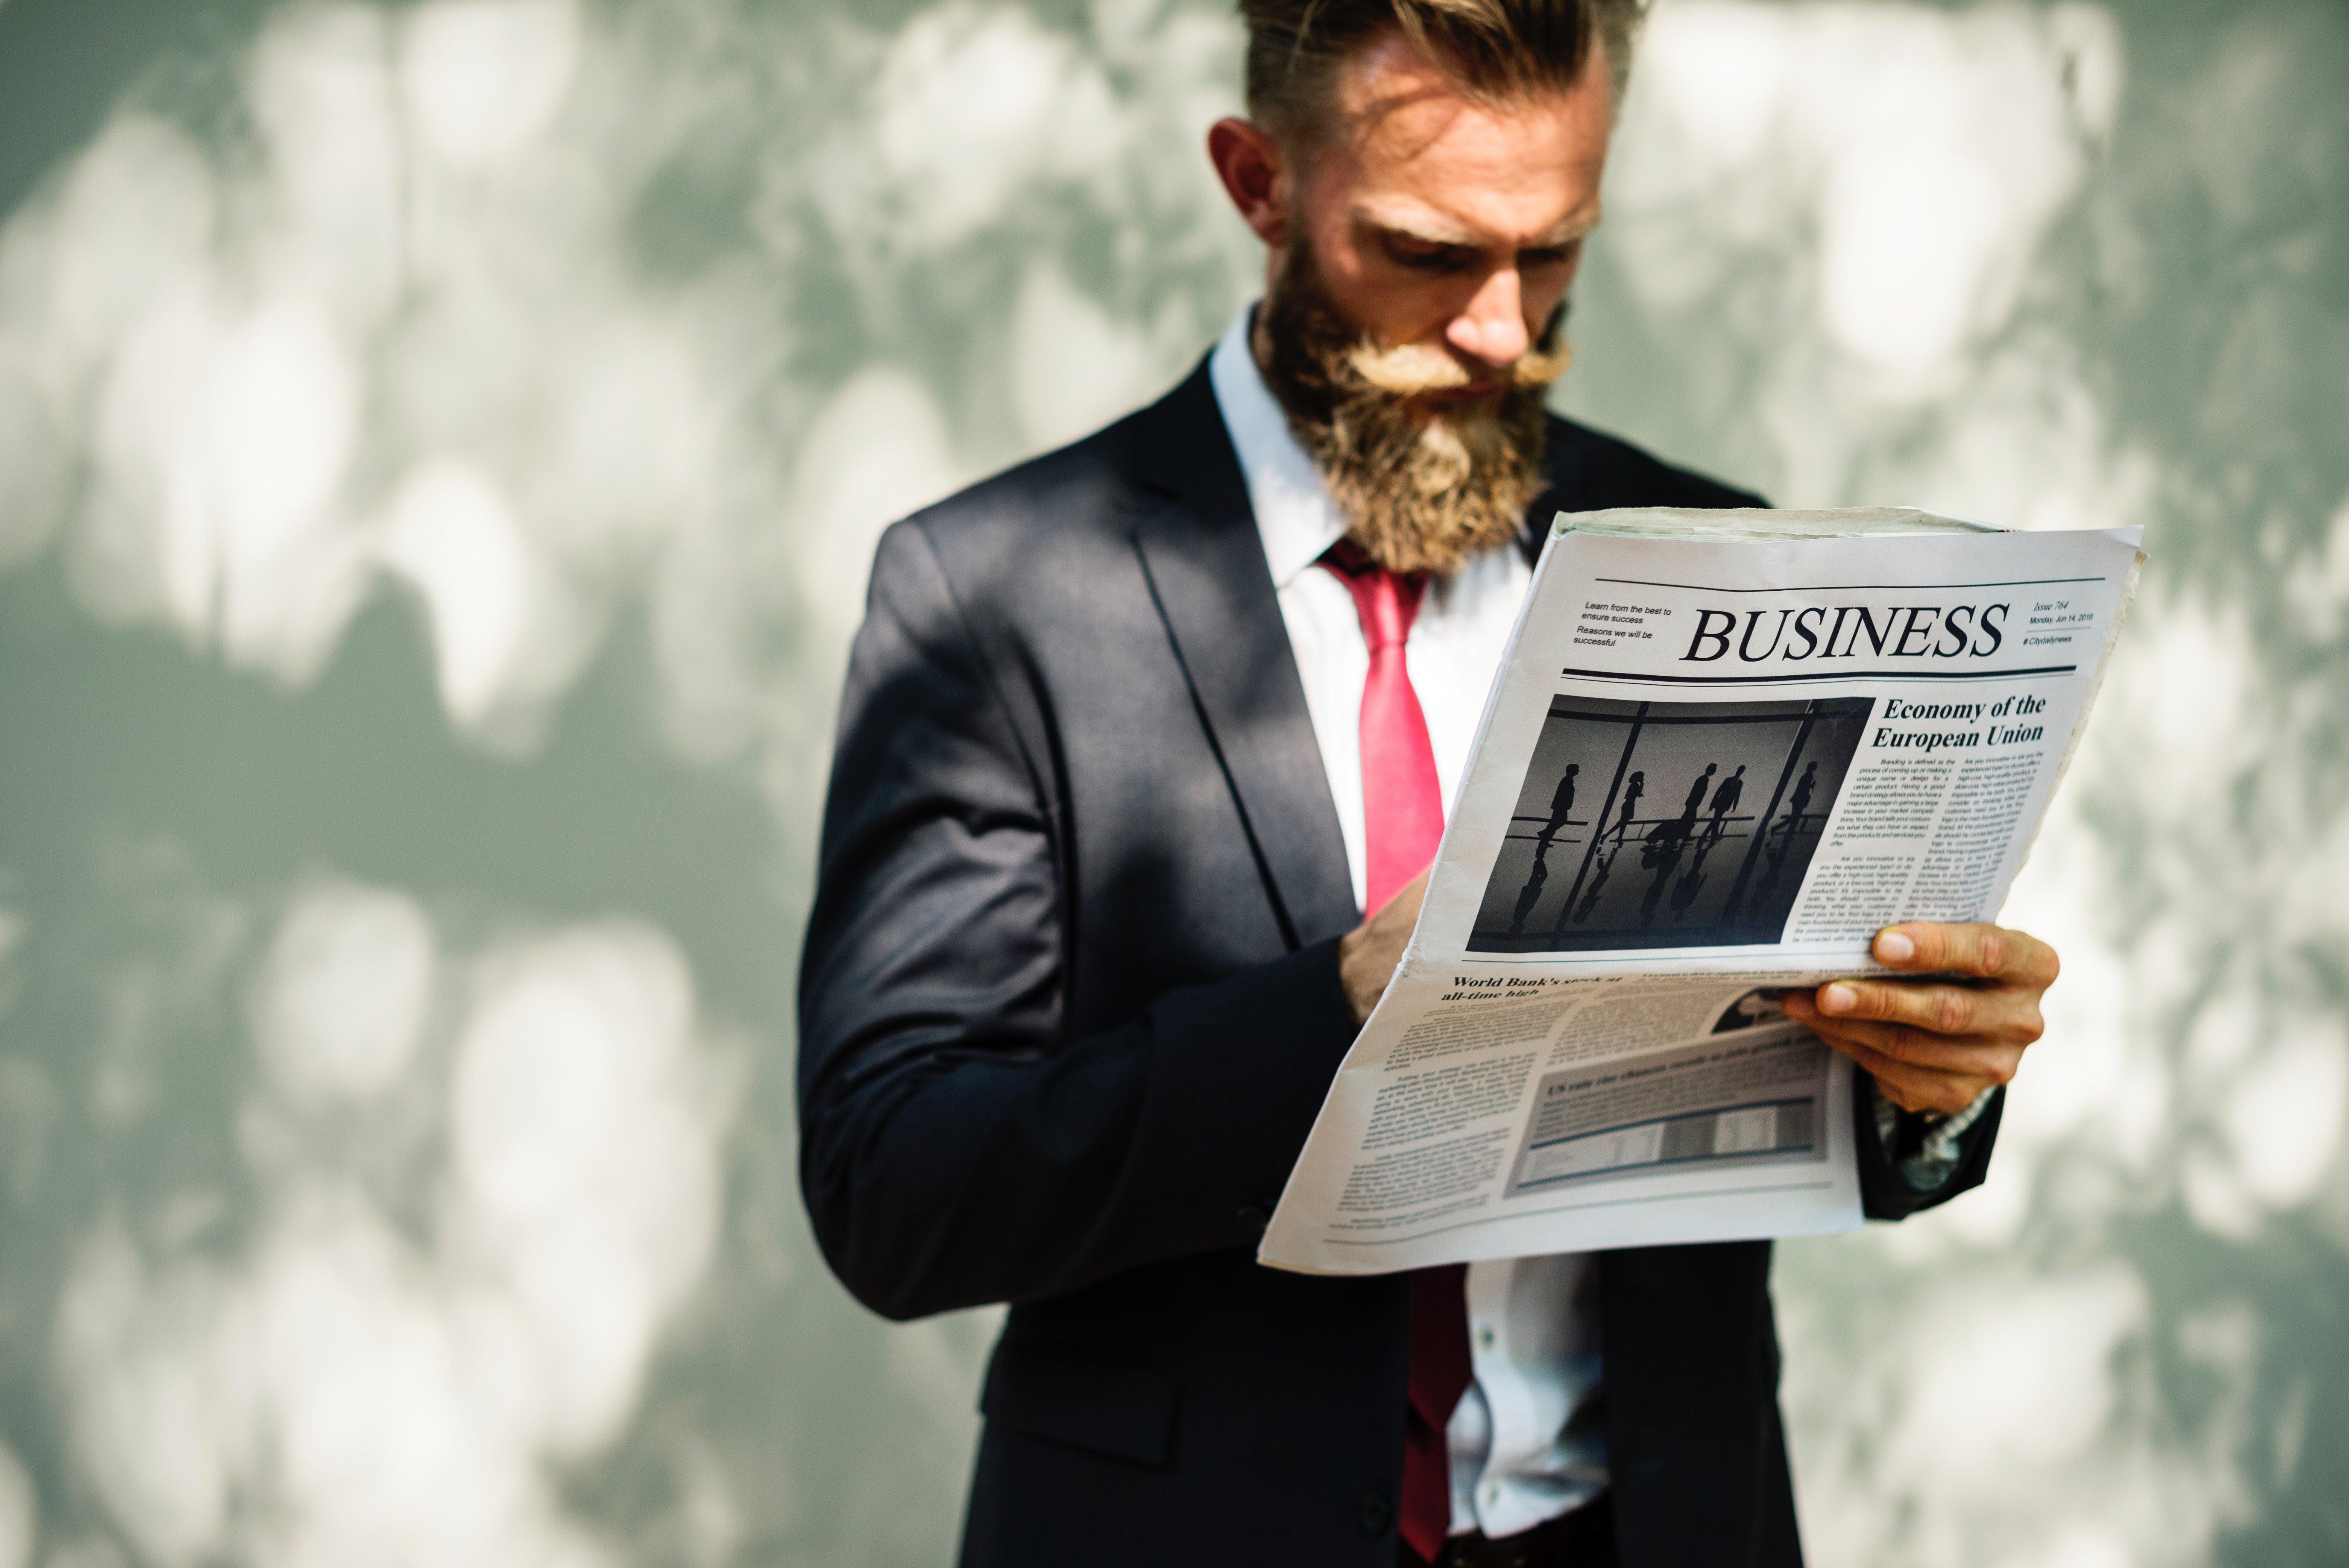 Indépendance financière - Blog Opération business